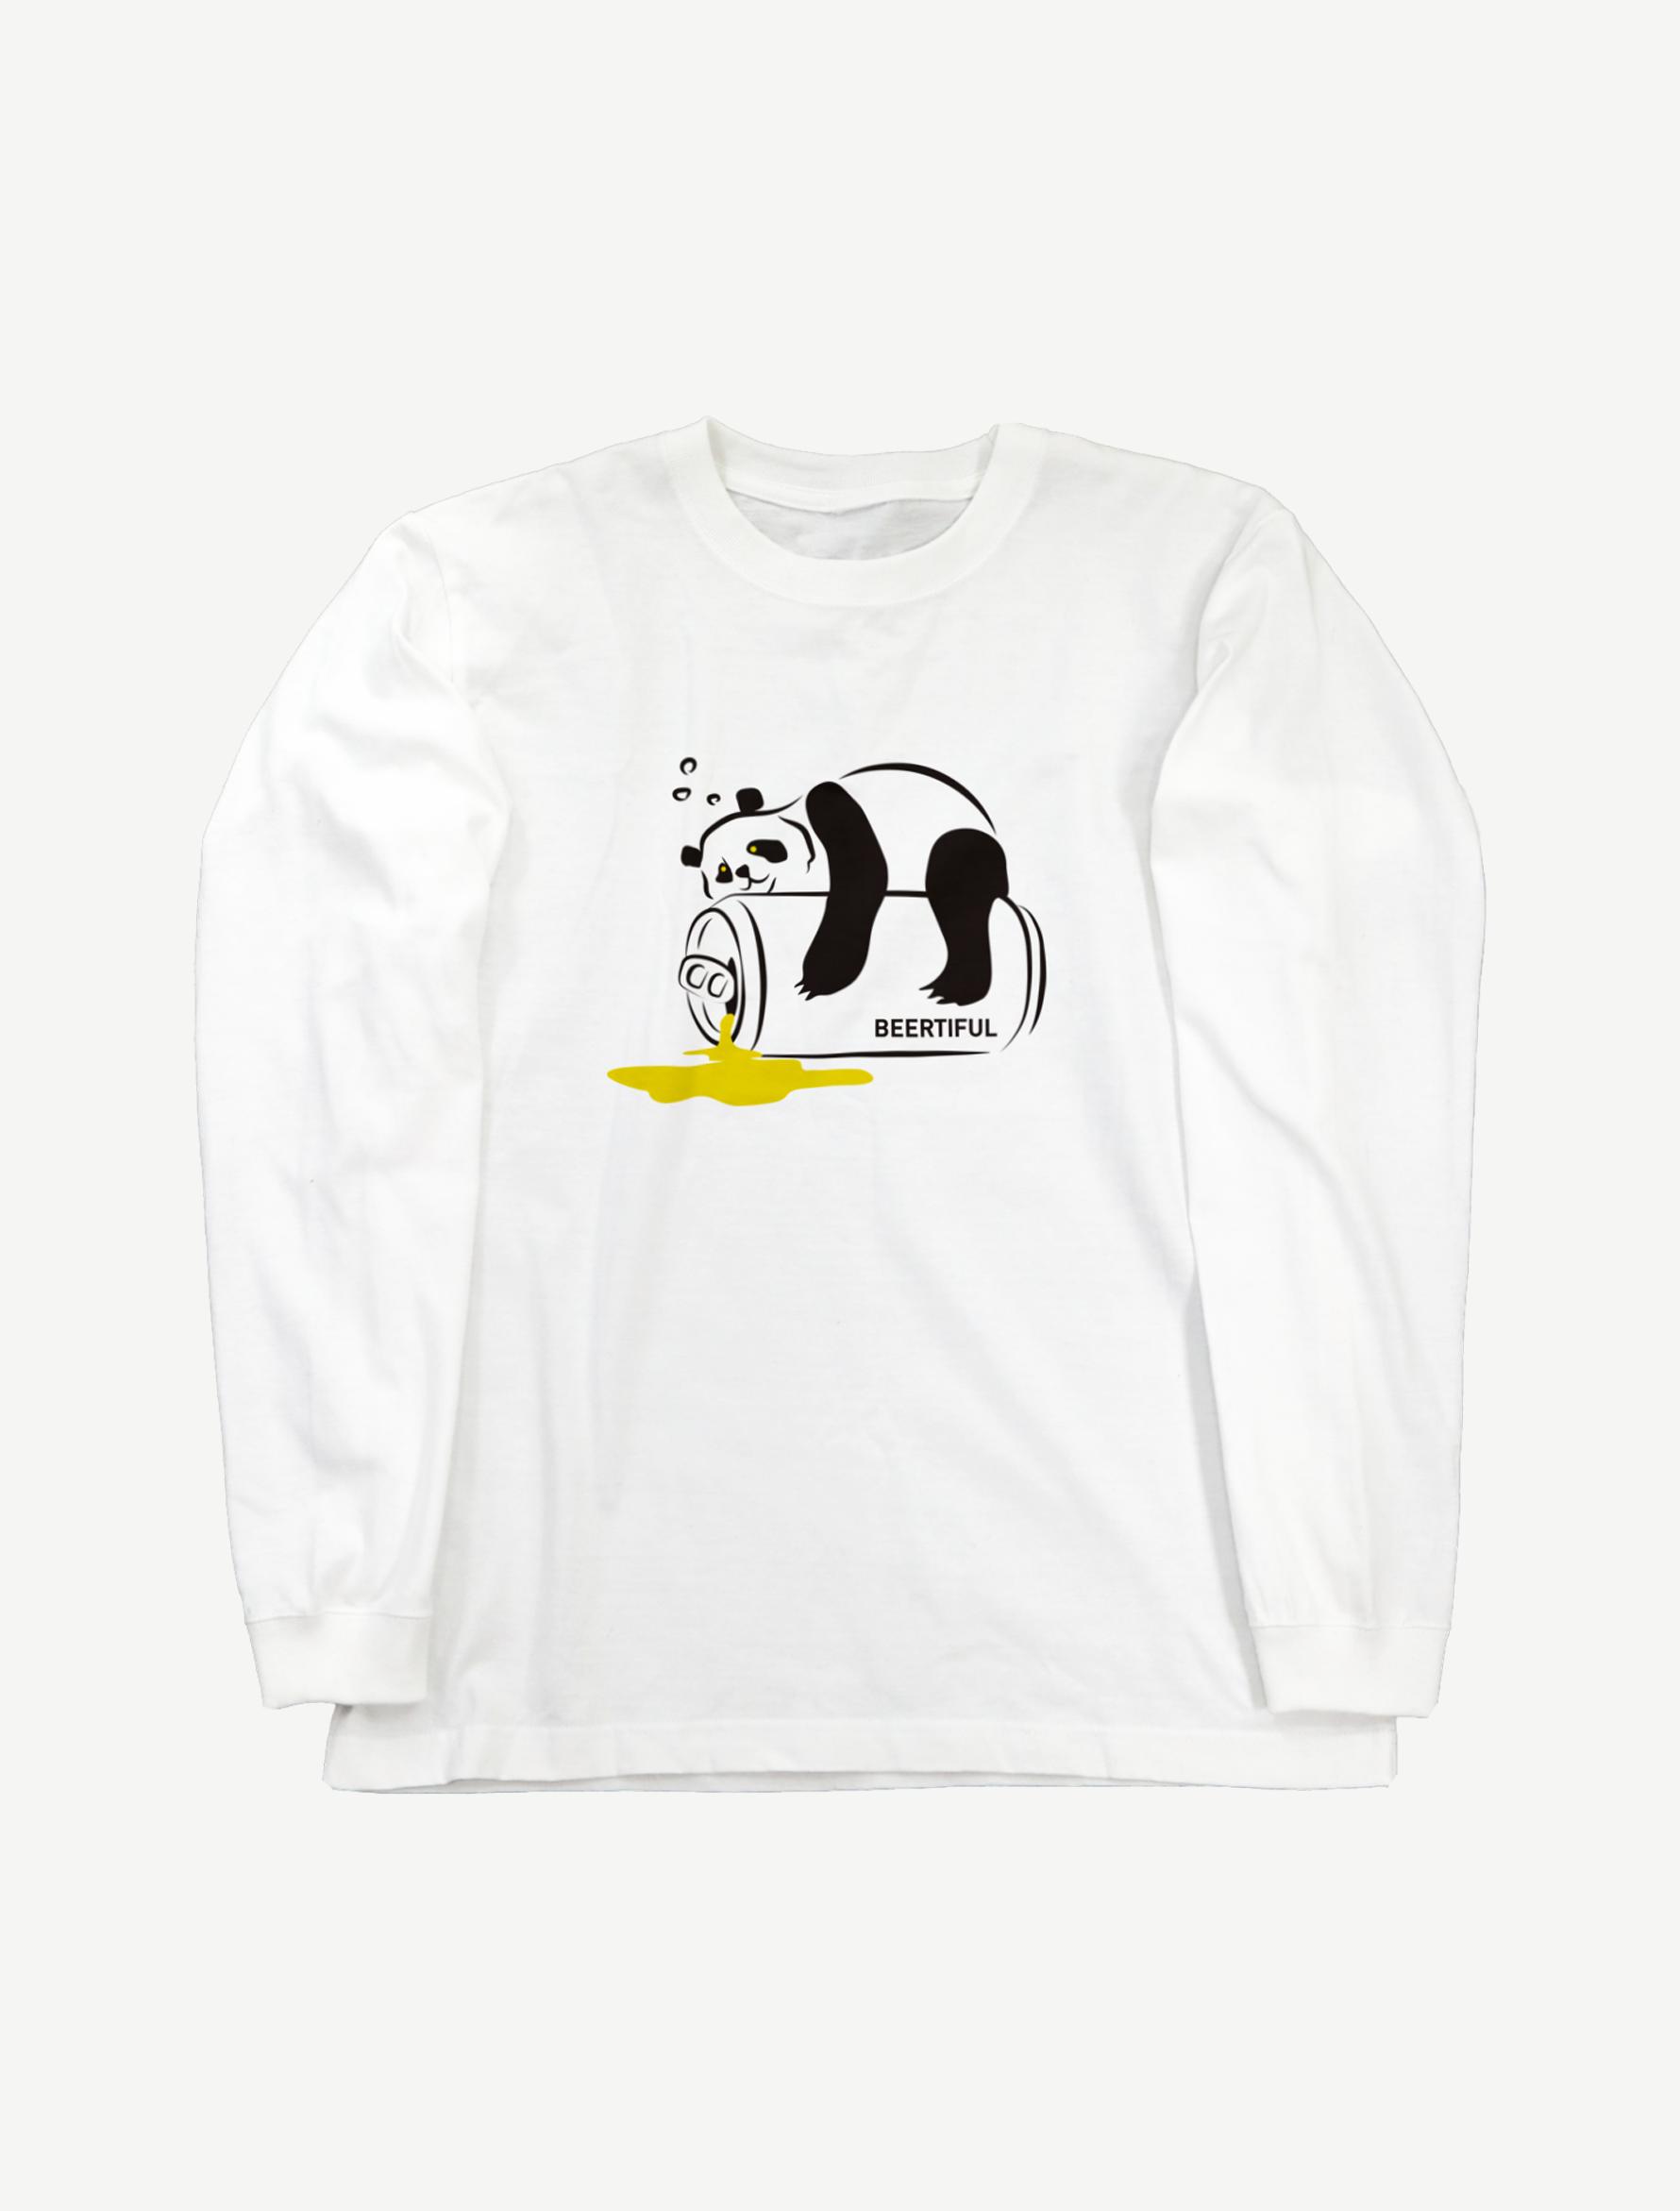 【ほろ酔いパンダ】ロングスリーブTシャツ(ホワイト)